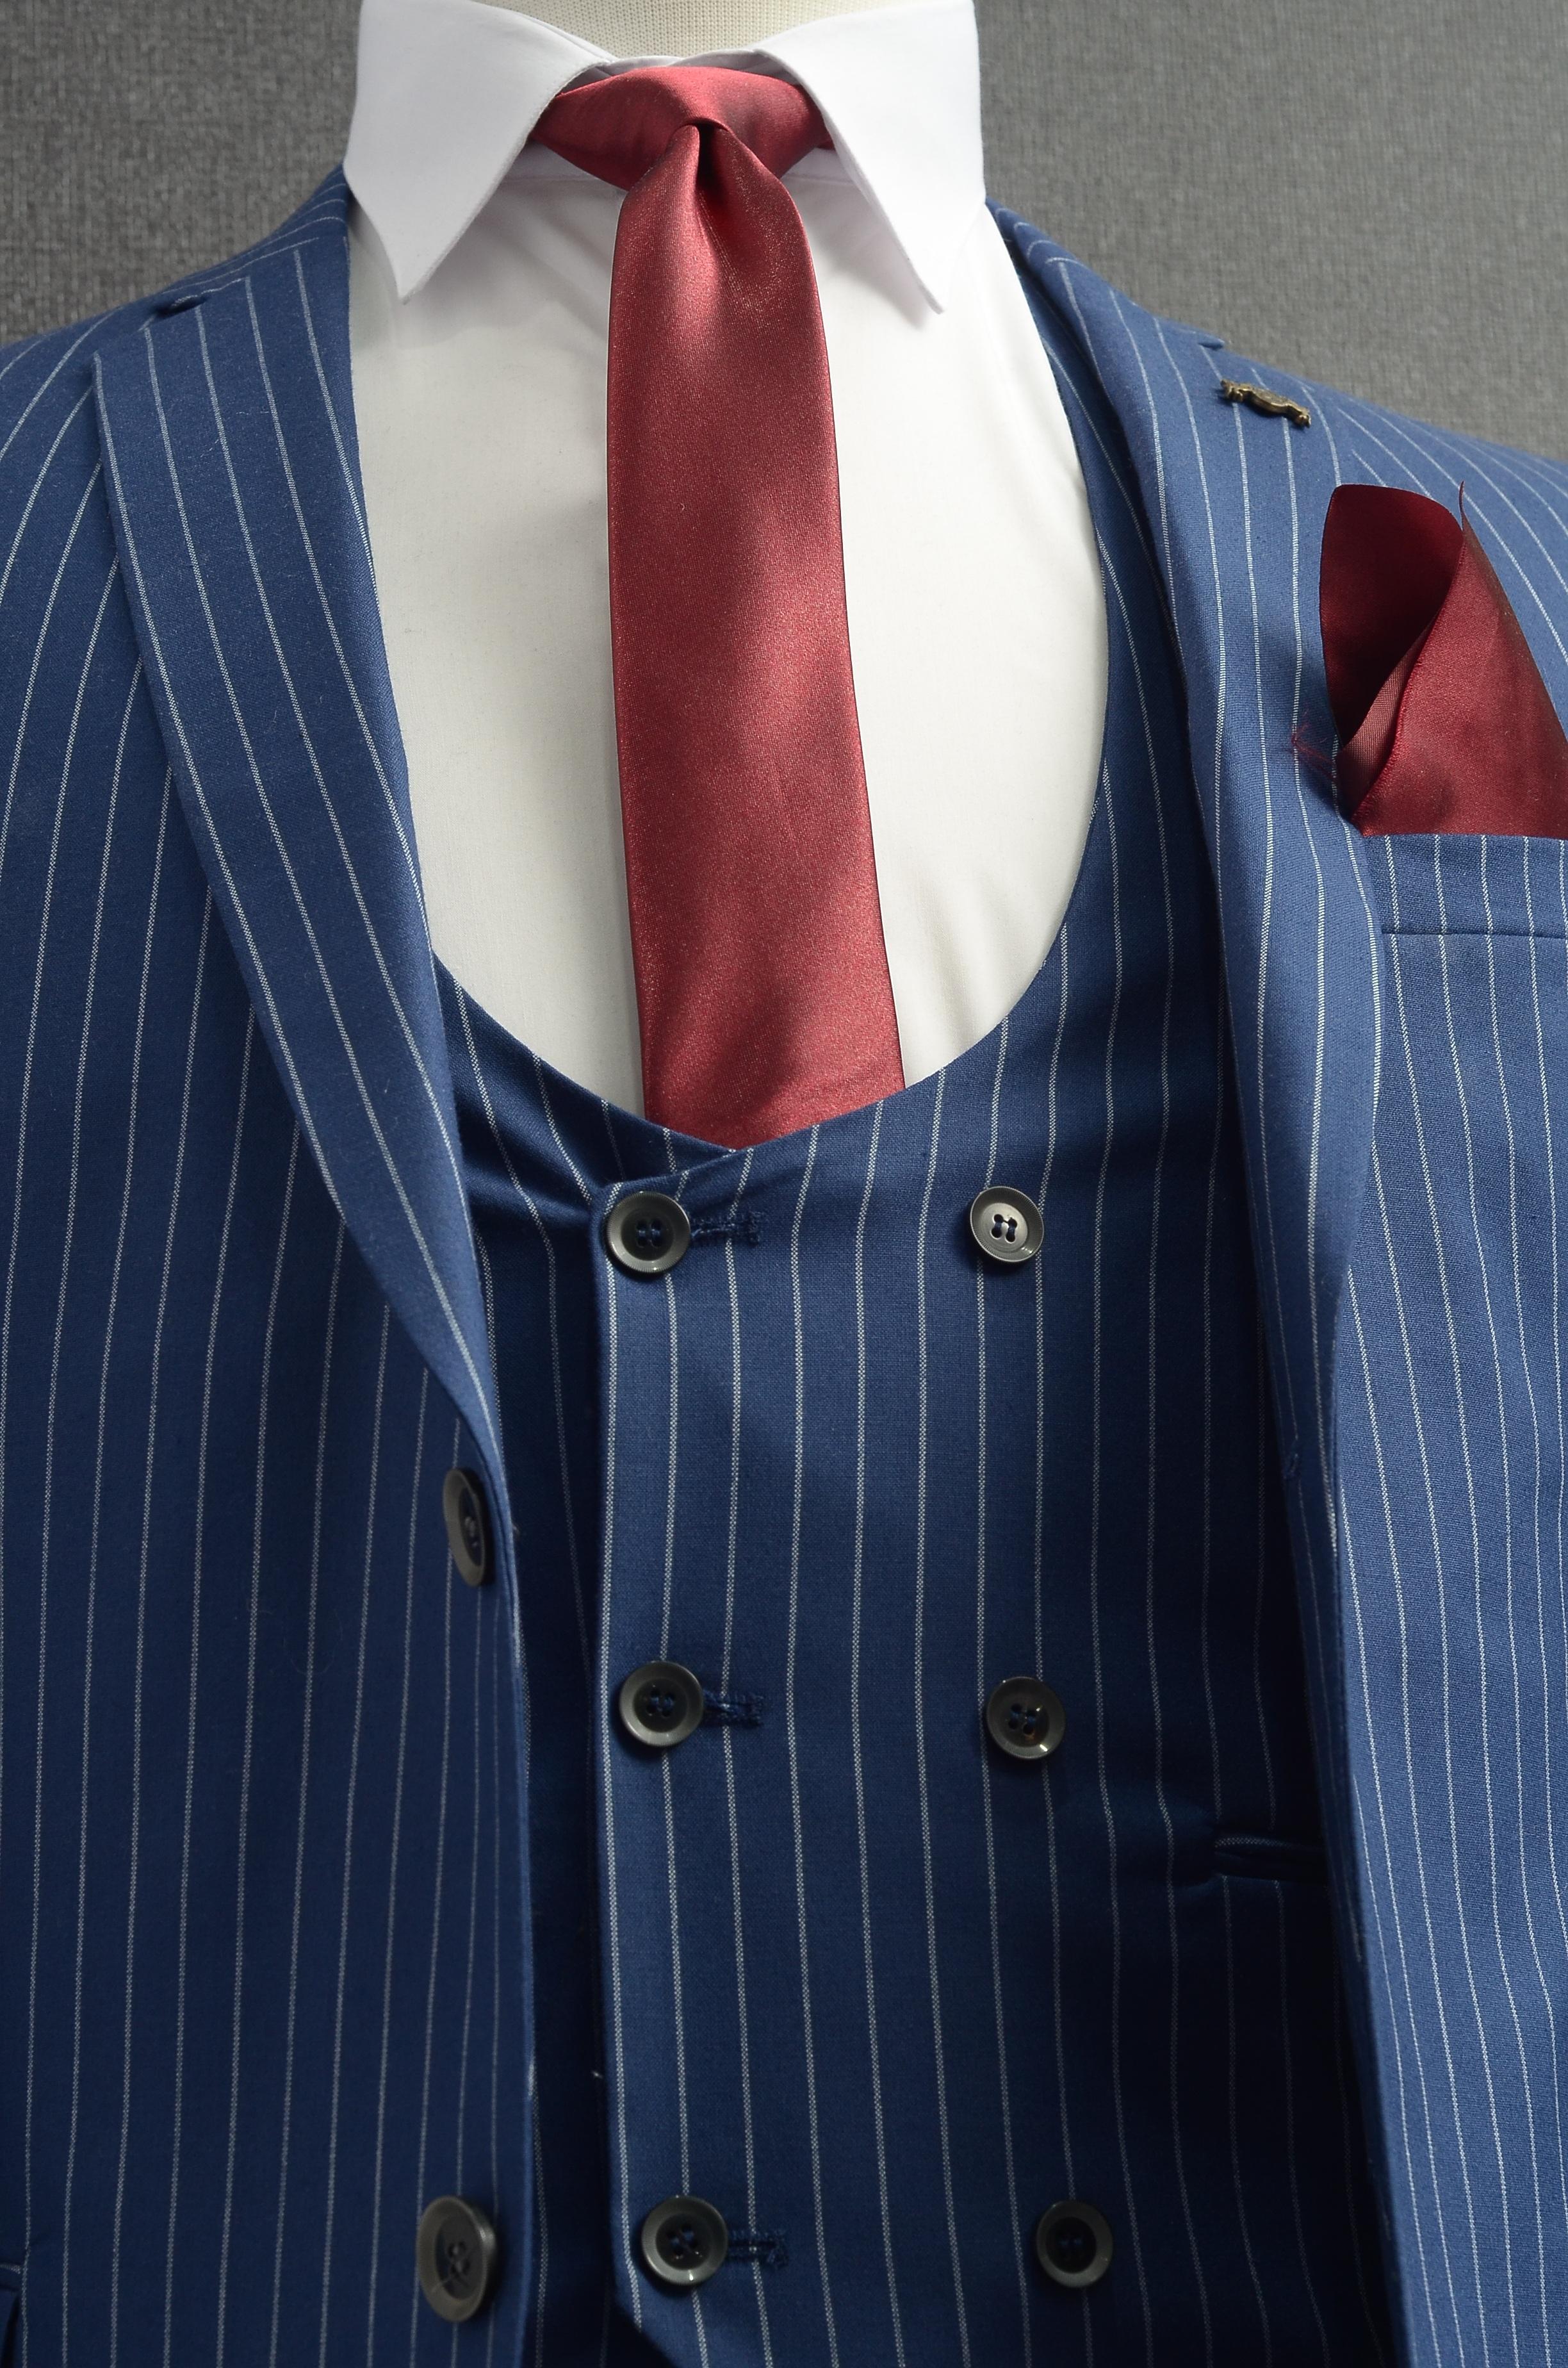 Gambar Sesuai Pola Dasi Kotak Kotak Jaket Pakaian Luar